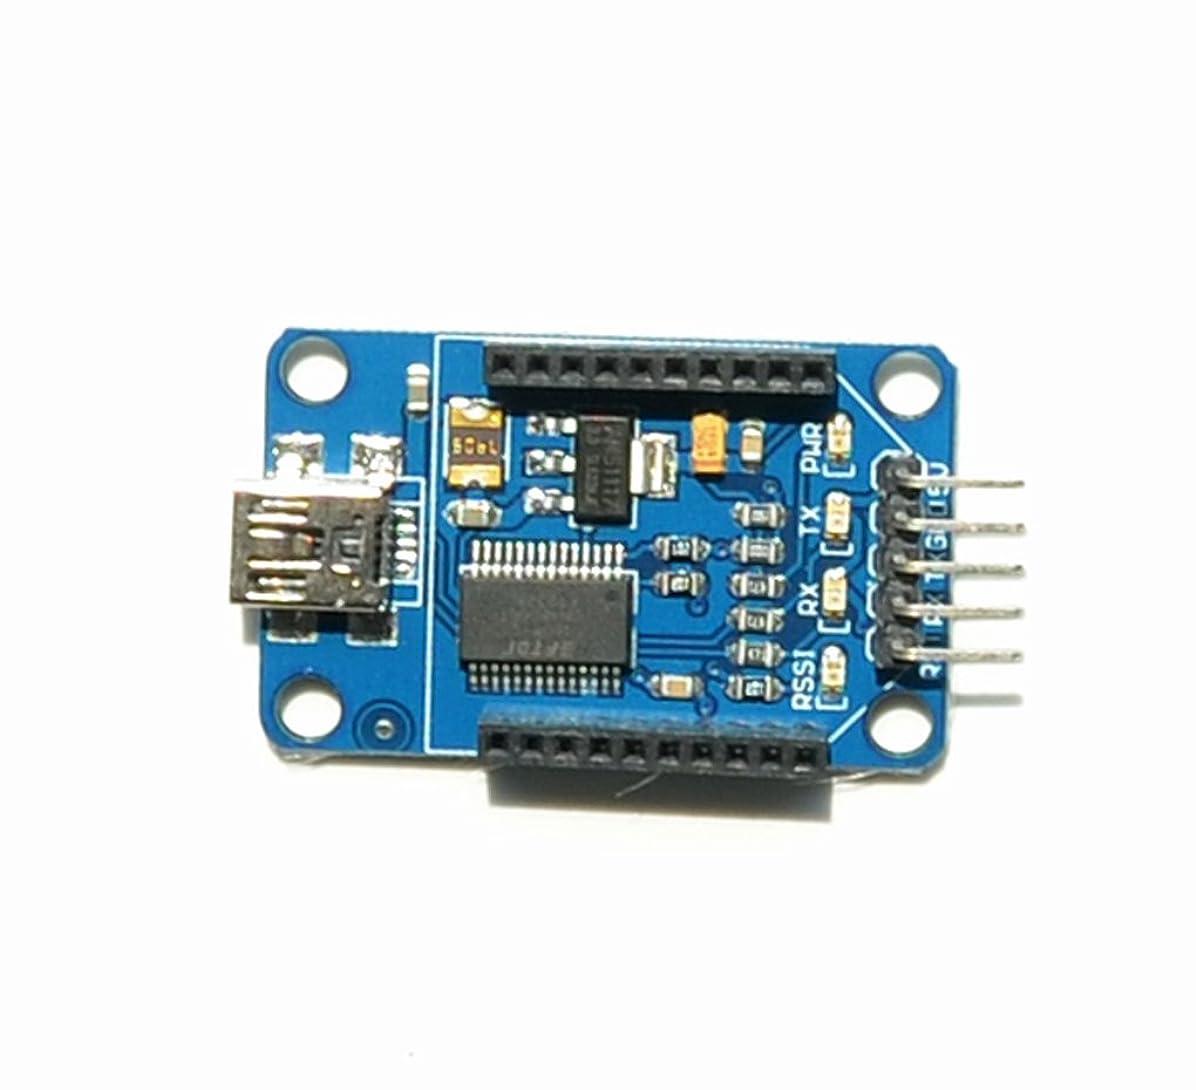 繕う目立つ休憩クラウドセンサー Xbee Bluetooth ハチアダプター USBアダプター Ft232Rl ダウンローダー